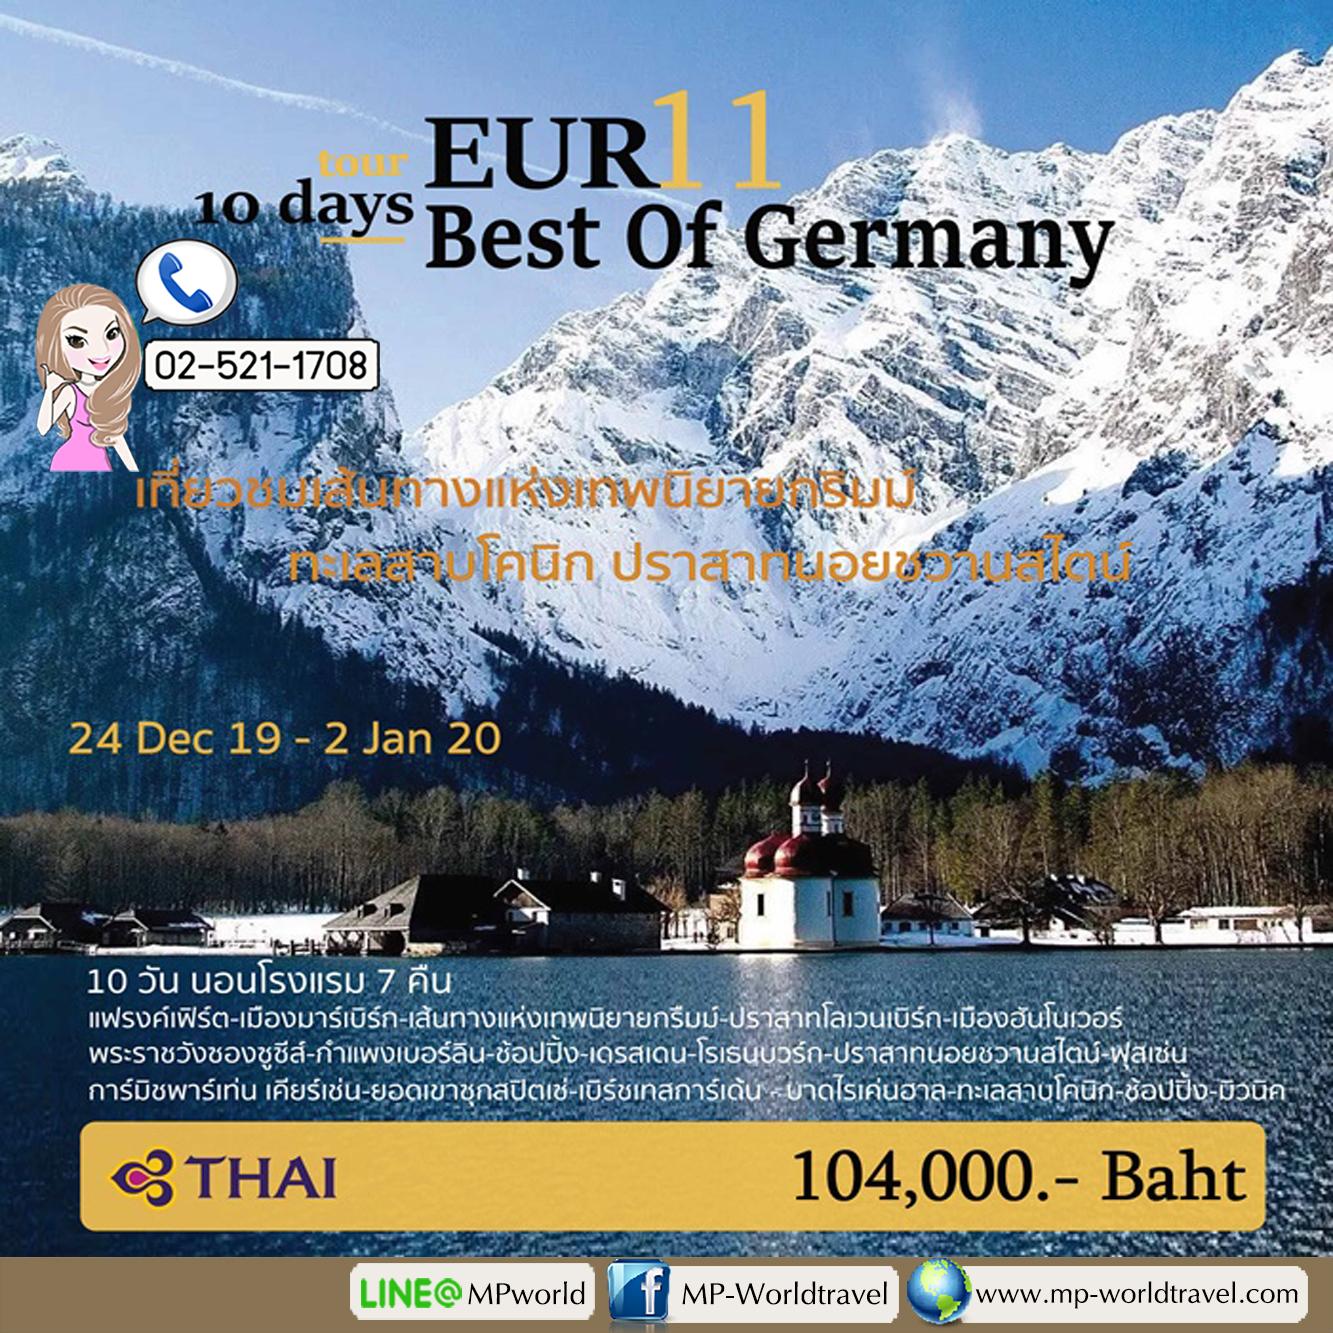 EUR11 Best of Germany Reroute 24 Dec'19-02 Jan'20 10D 7N  TG